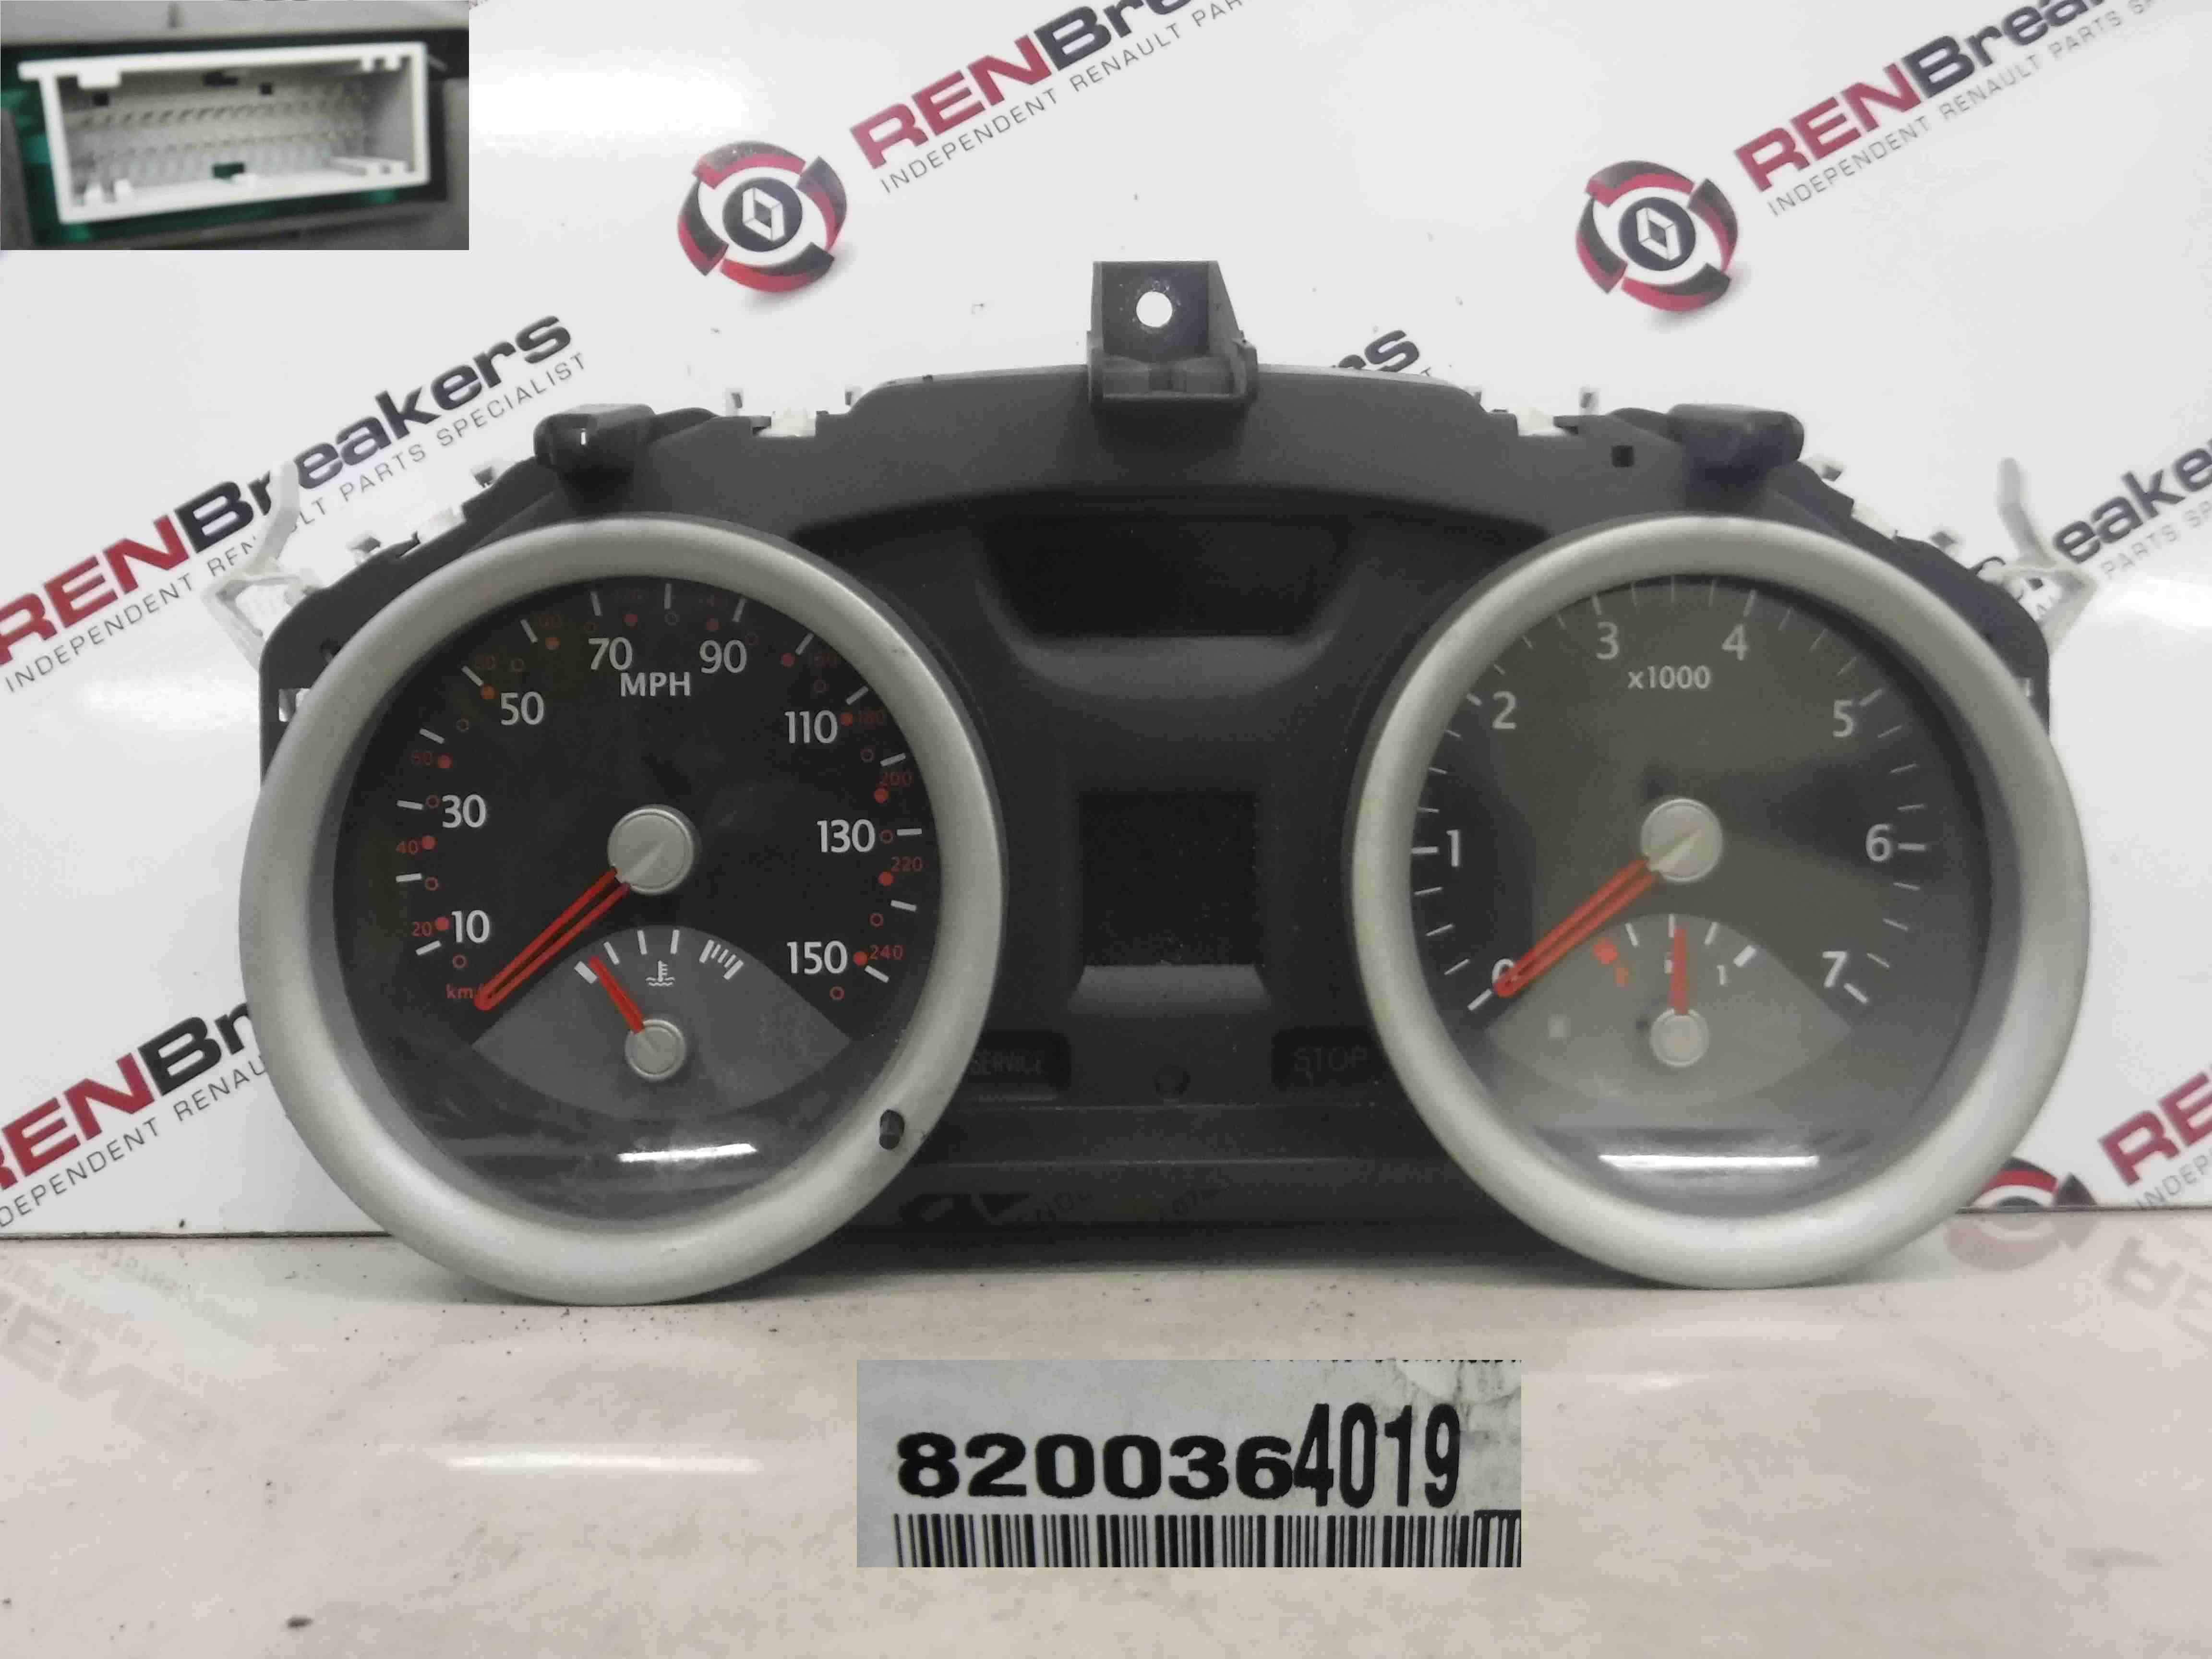 Renault Megane 2002-2008 Instrument Panel Dials Gauges Clocks 8200364019